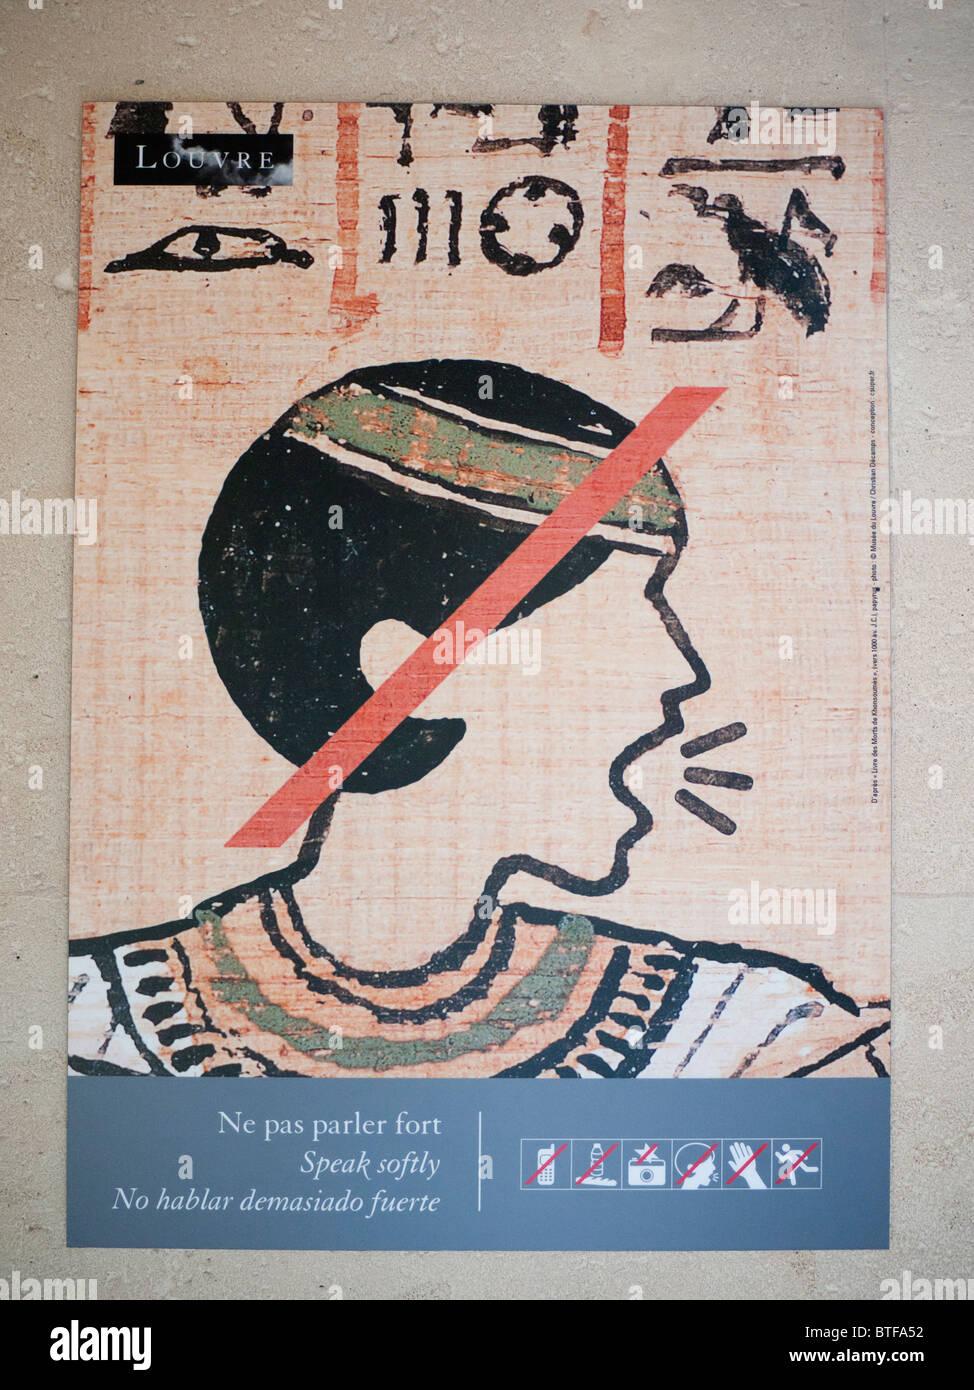 Firmar en el Museo del Louvre en París, pidiendo a los visitantes estar tranquilo Imagen De Stock